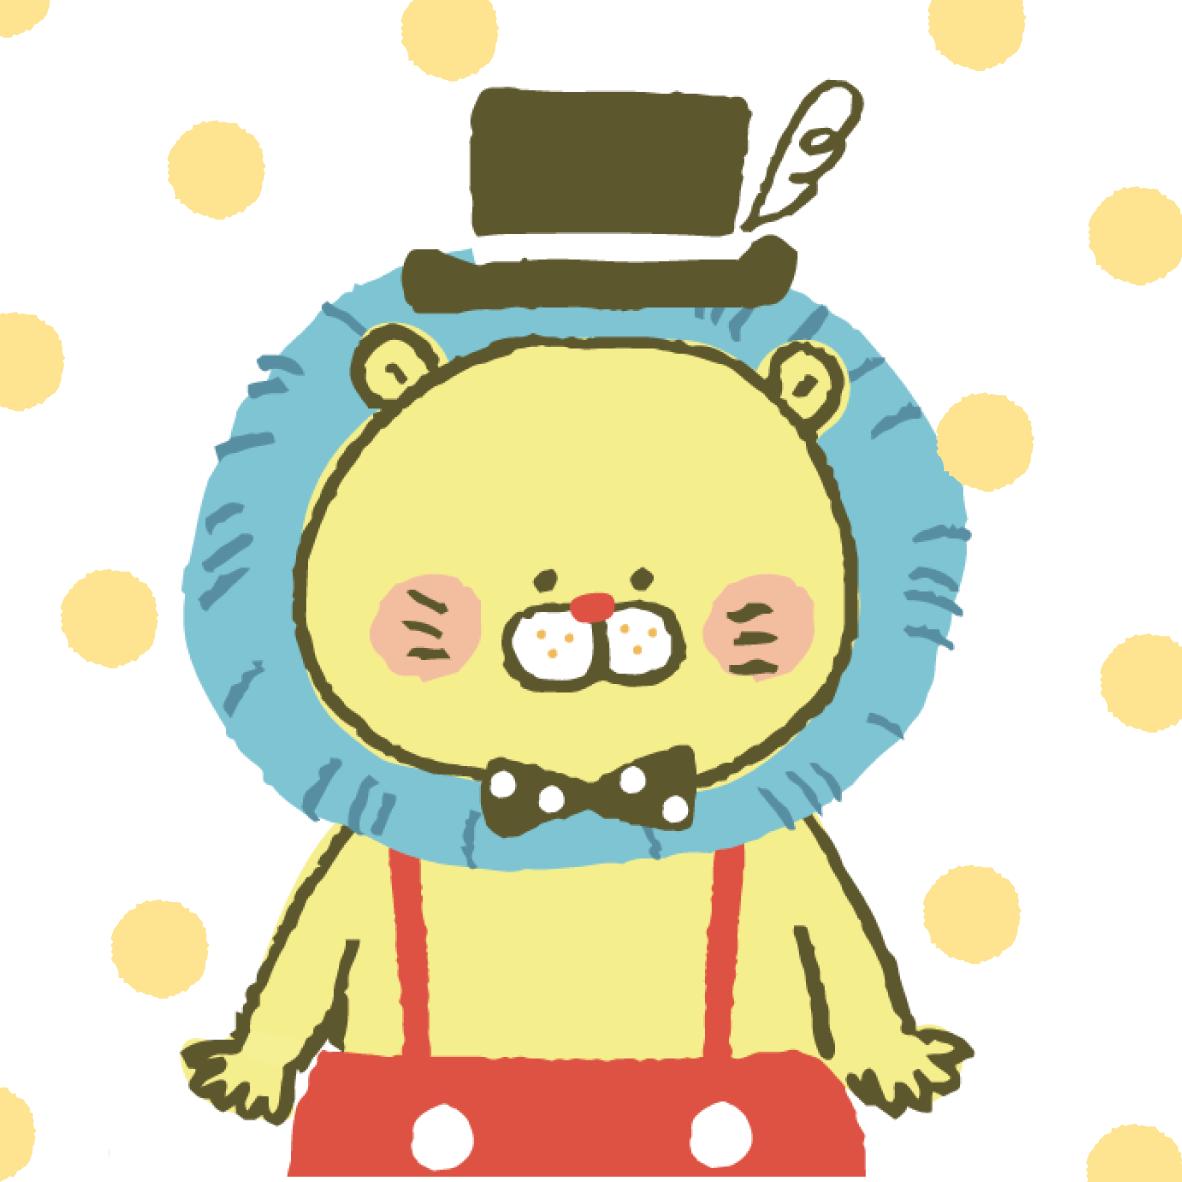 キャラクターデザイン、イラスト描きます SNSアイコンやお店のイメージキャラクターなどお気軽に!